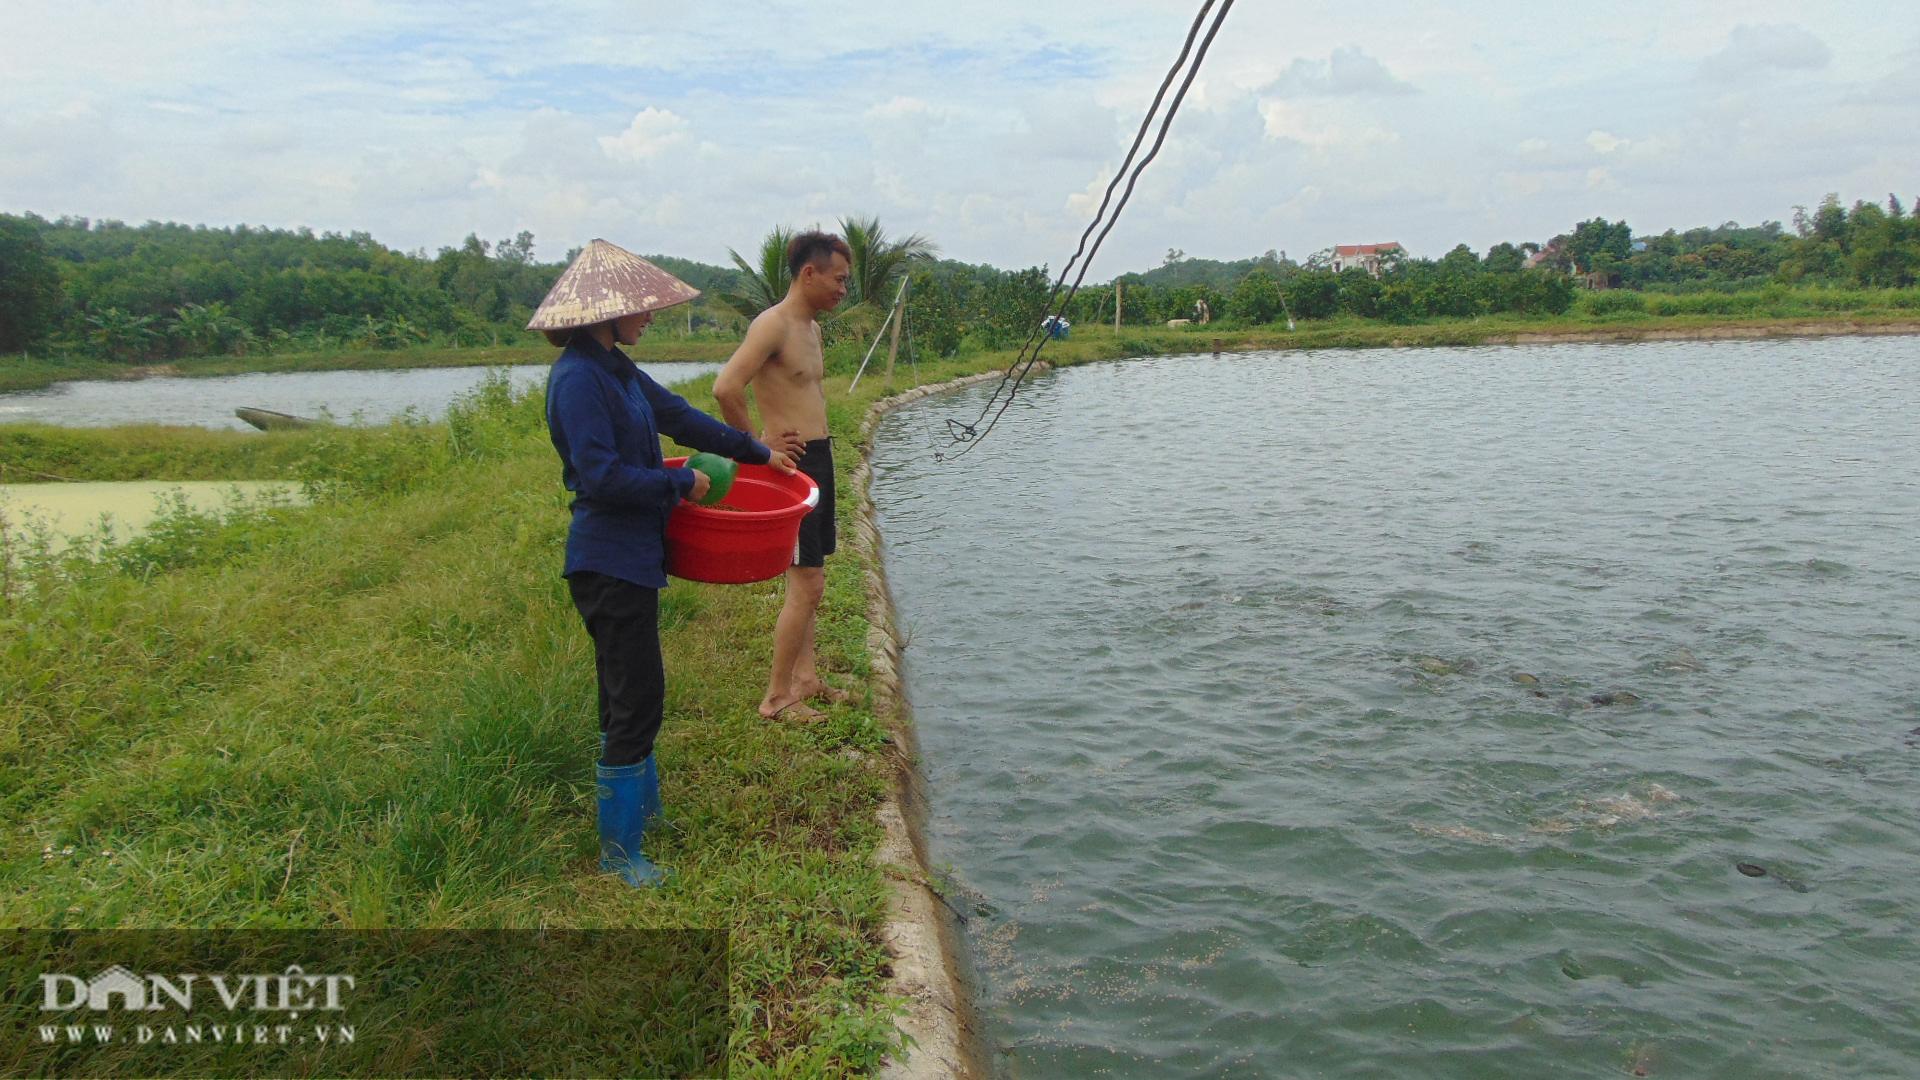 Thái Nguyên: Lão nông thu trăm triệu mỗi năm từ nuôi cá thả ao - Ảnh 5.